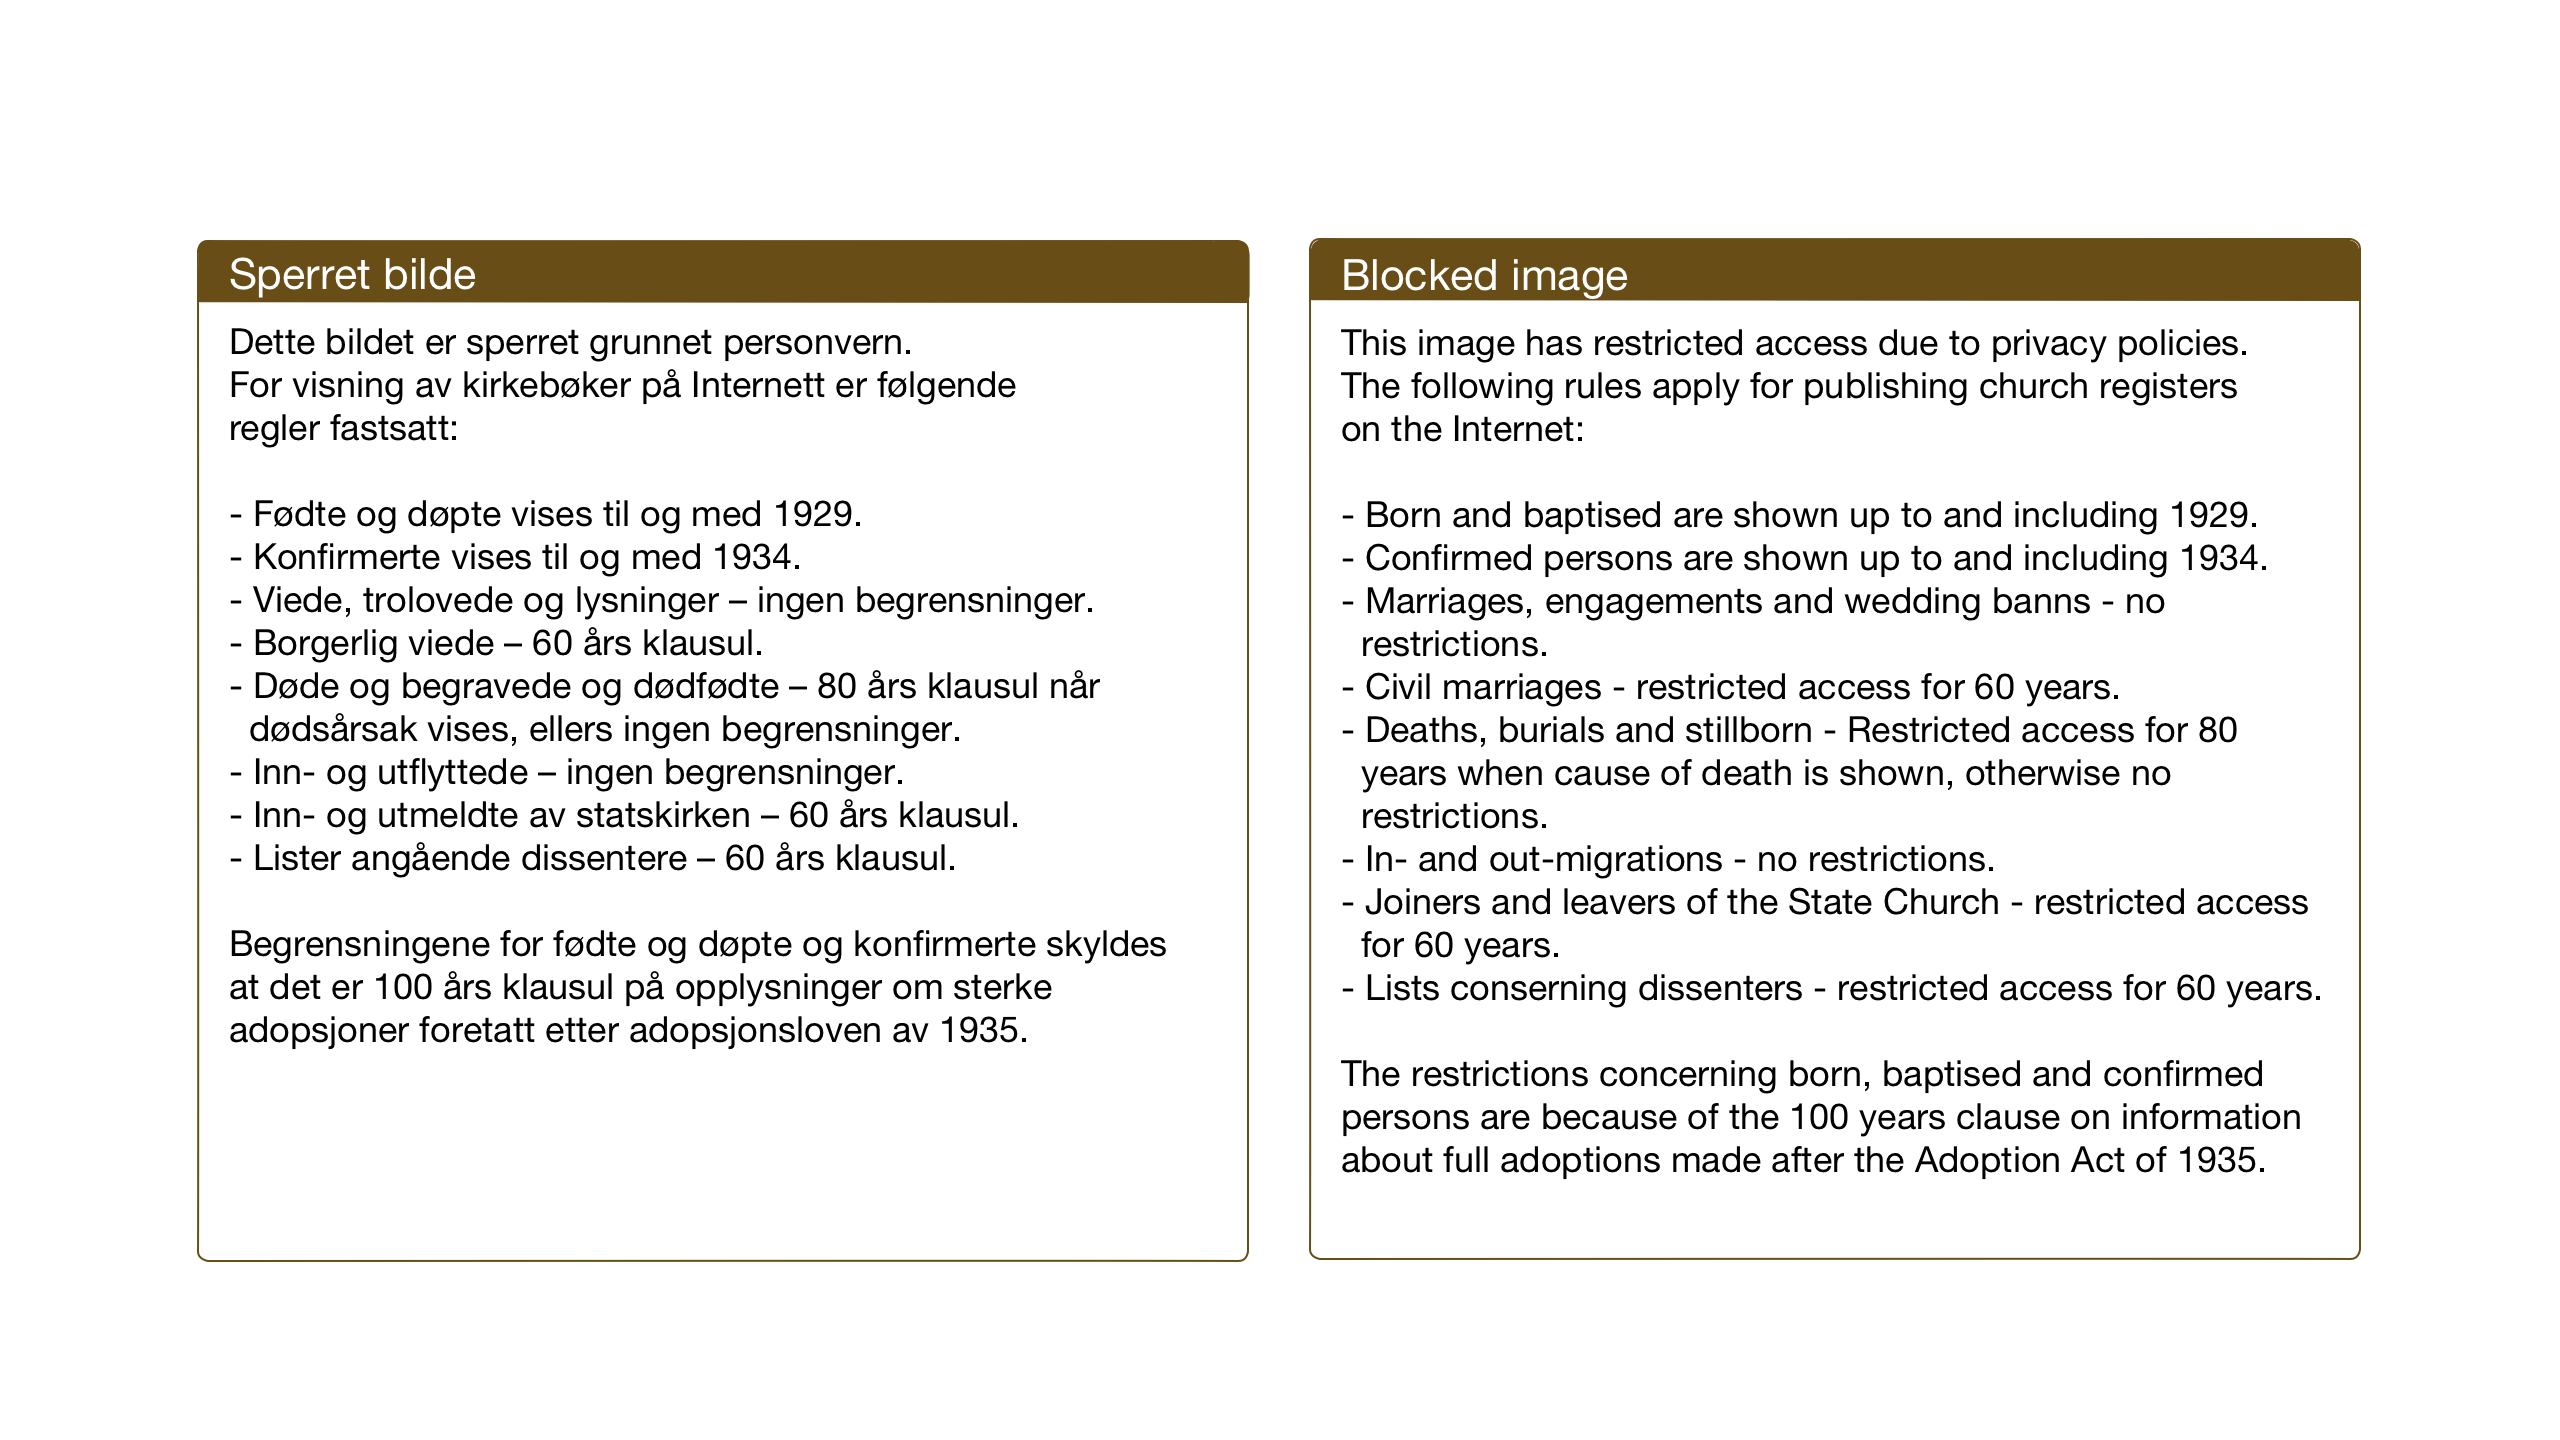 SAT, Ministerialprotokoller, klokkerbøker og fødselsregistre - Sør-Trøndelag, 696/L1161: Klokkerbok nr. 696C01, 1902-1950, s. 72